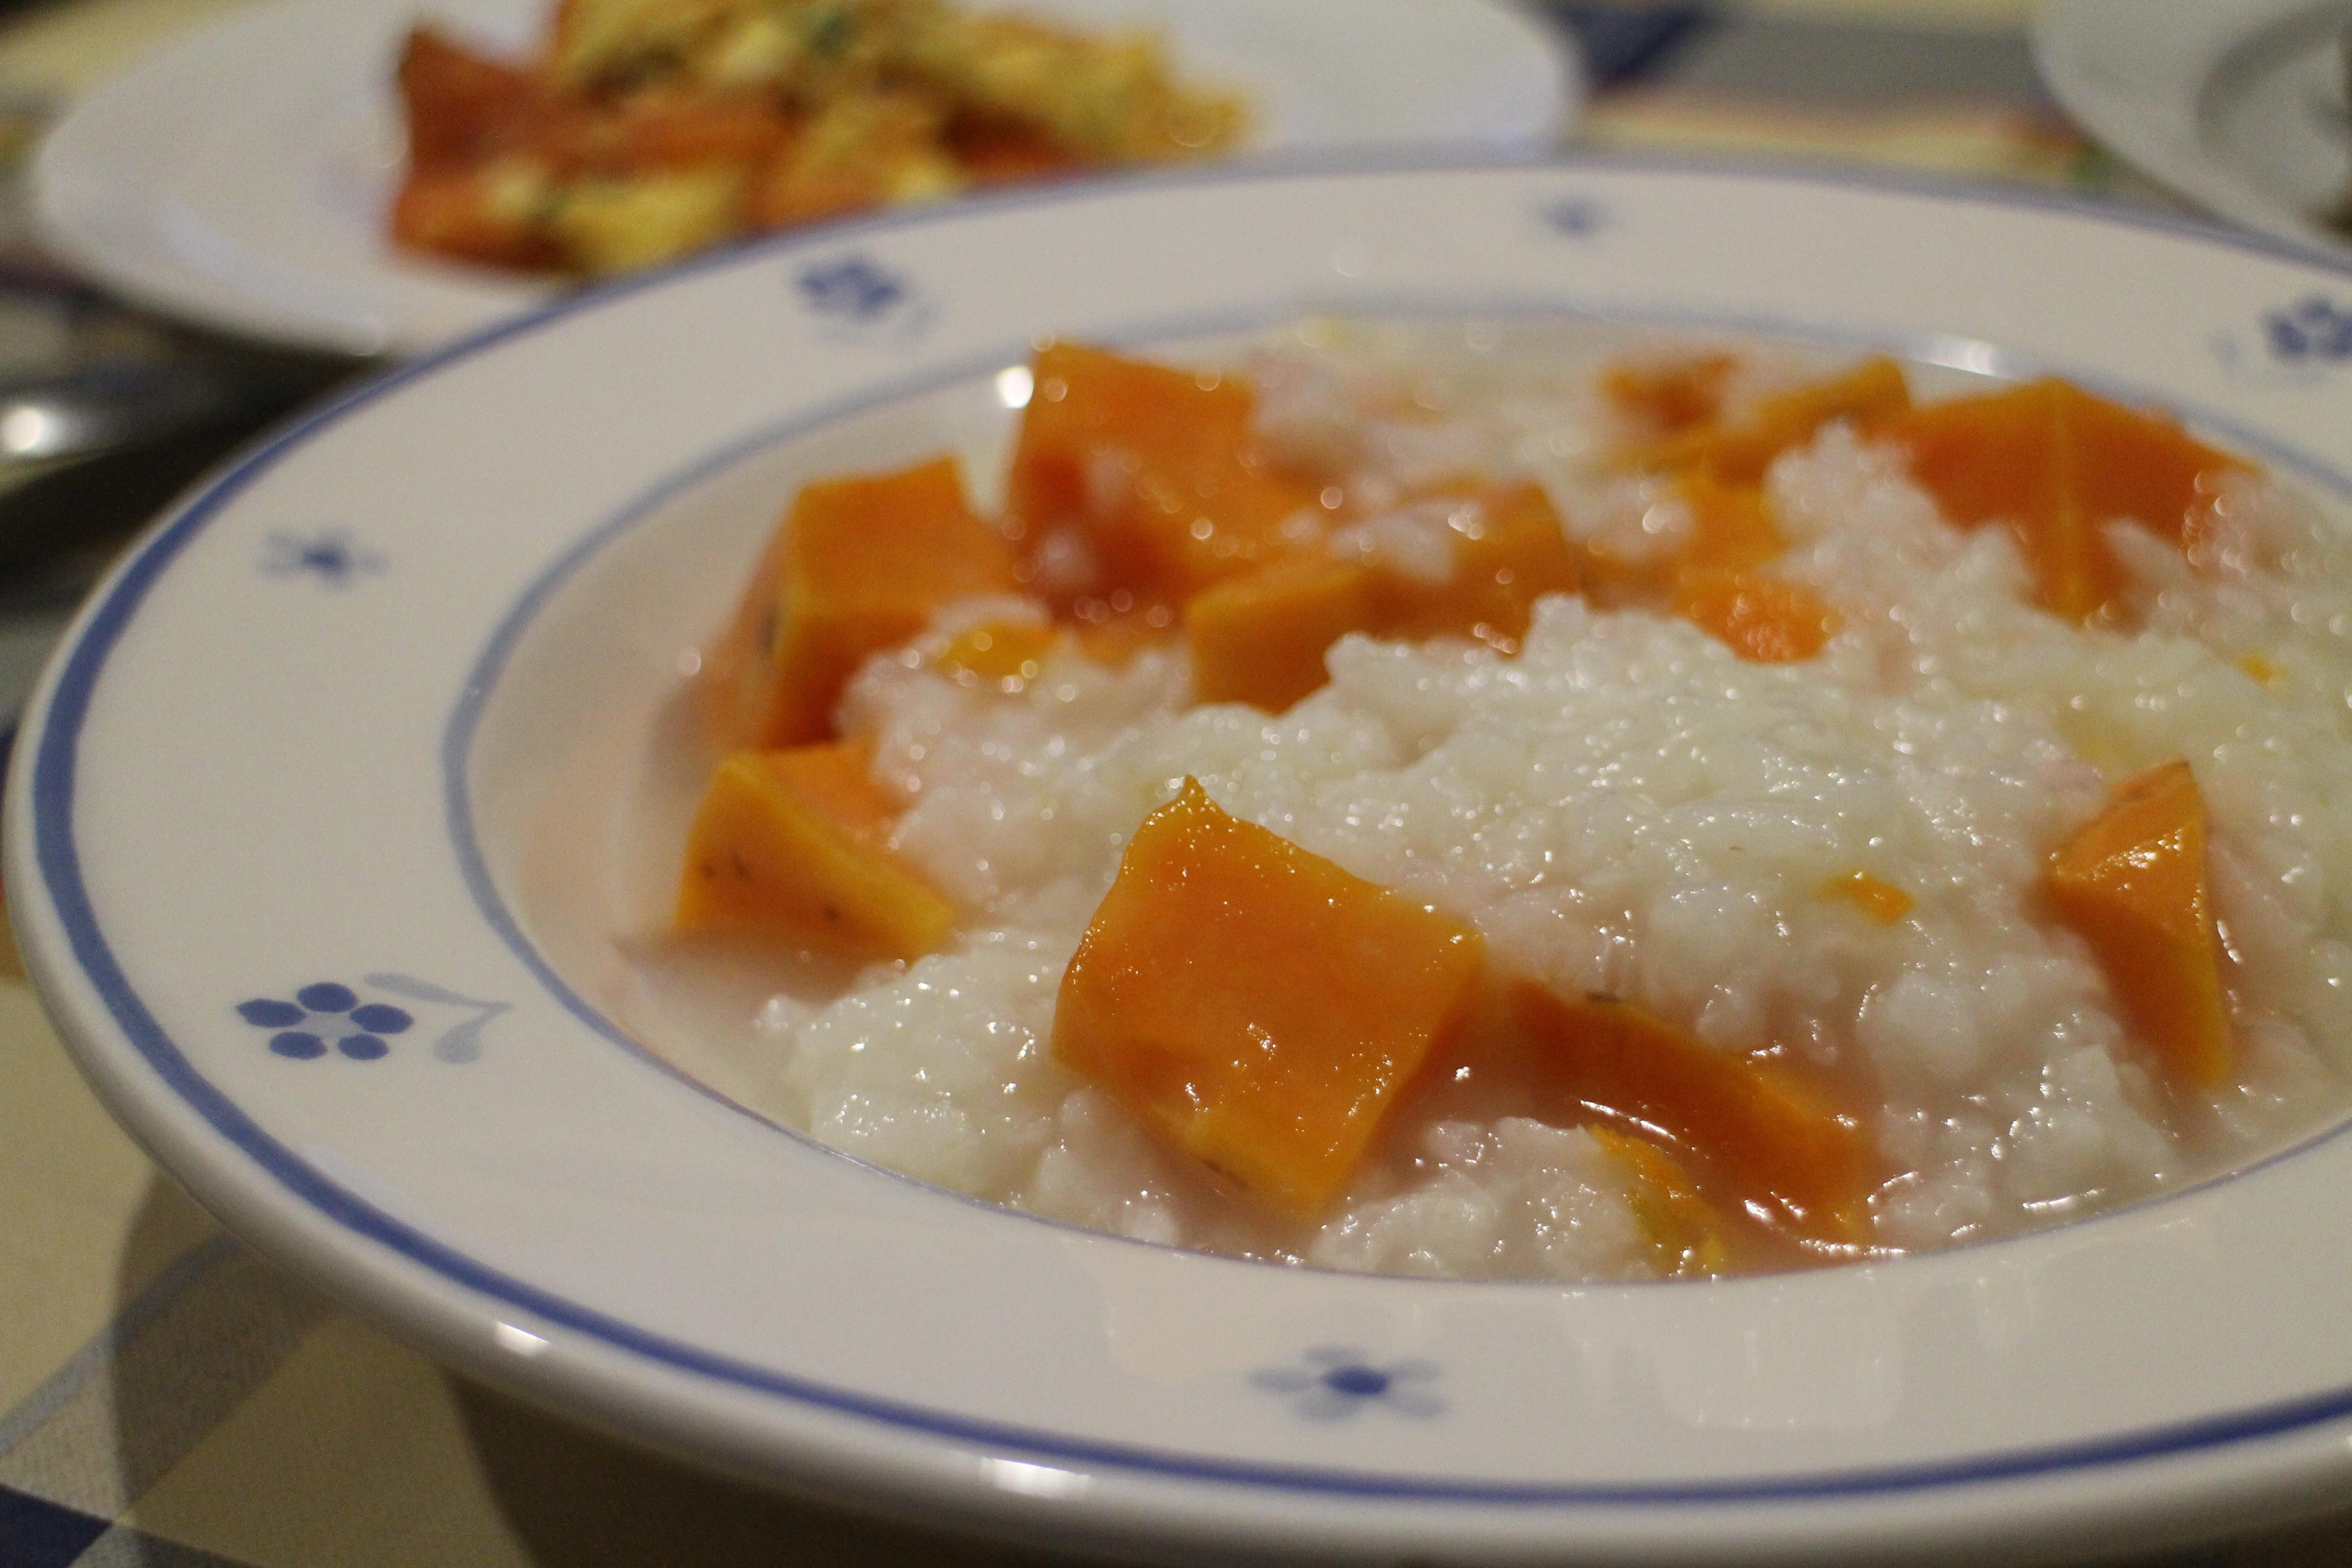 【深夜食堂】地瓜稀飯、番茄炒蛋、醬燒茄子